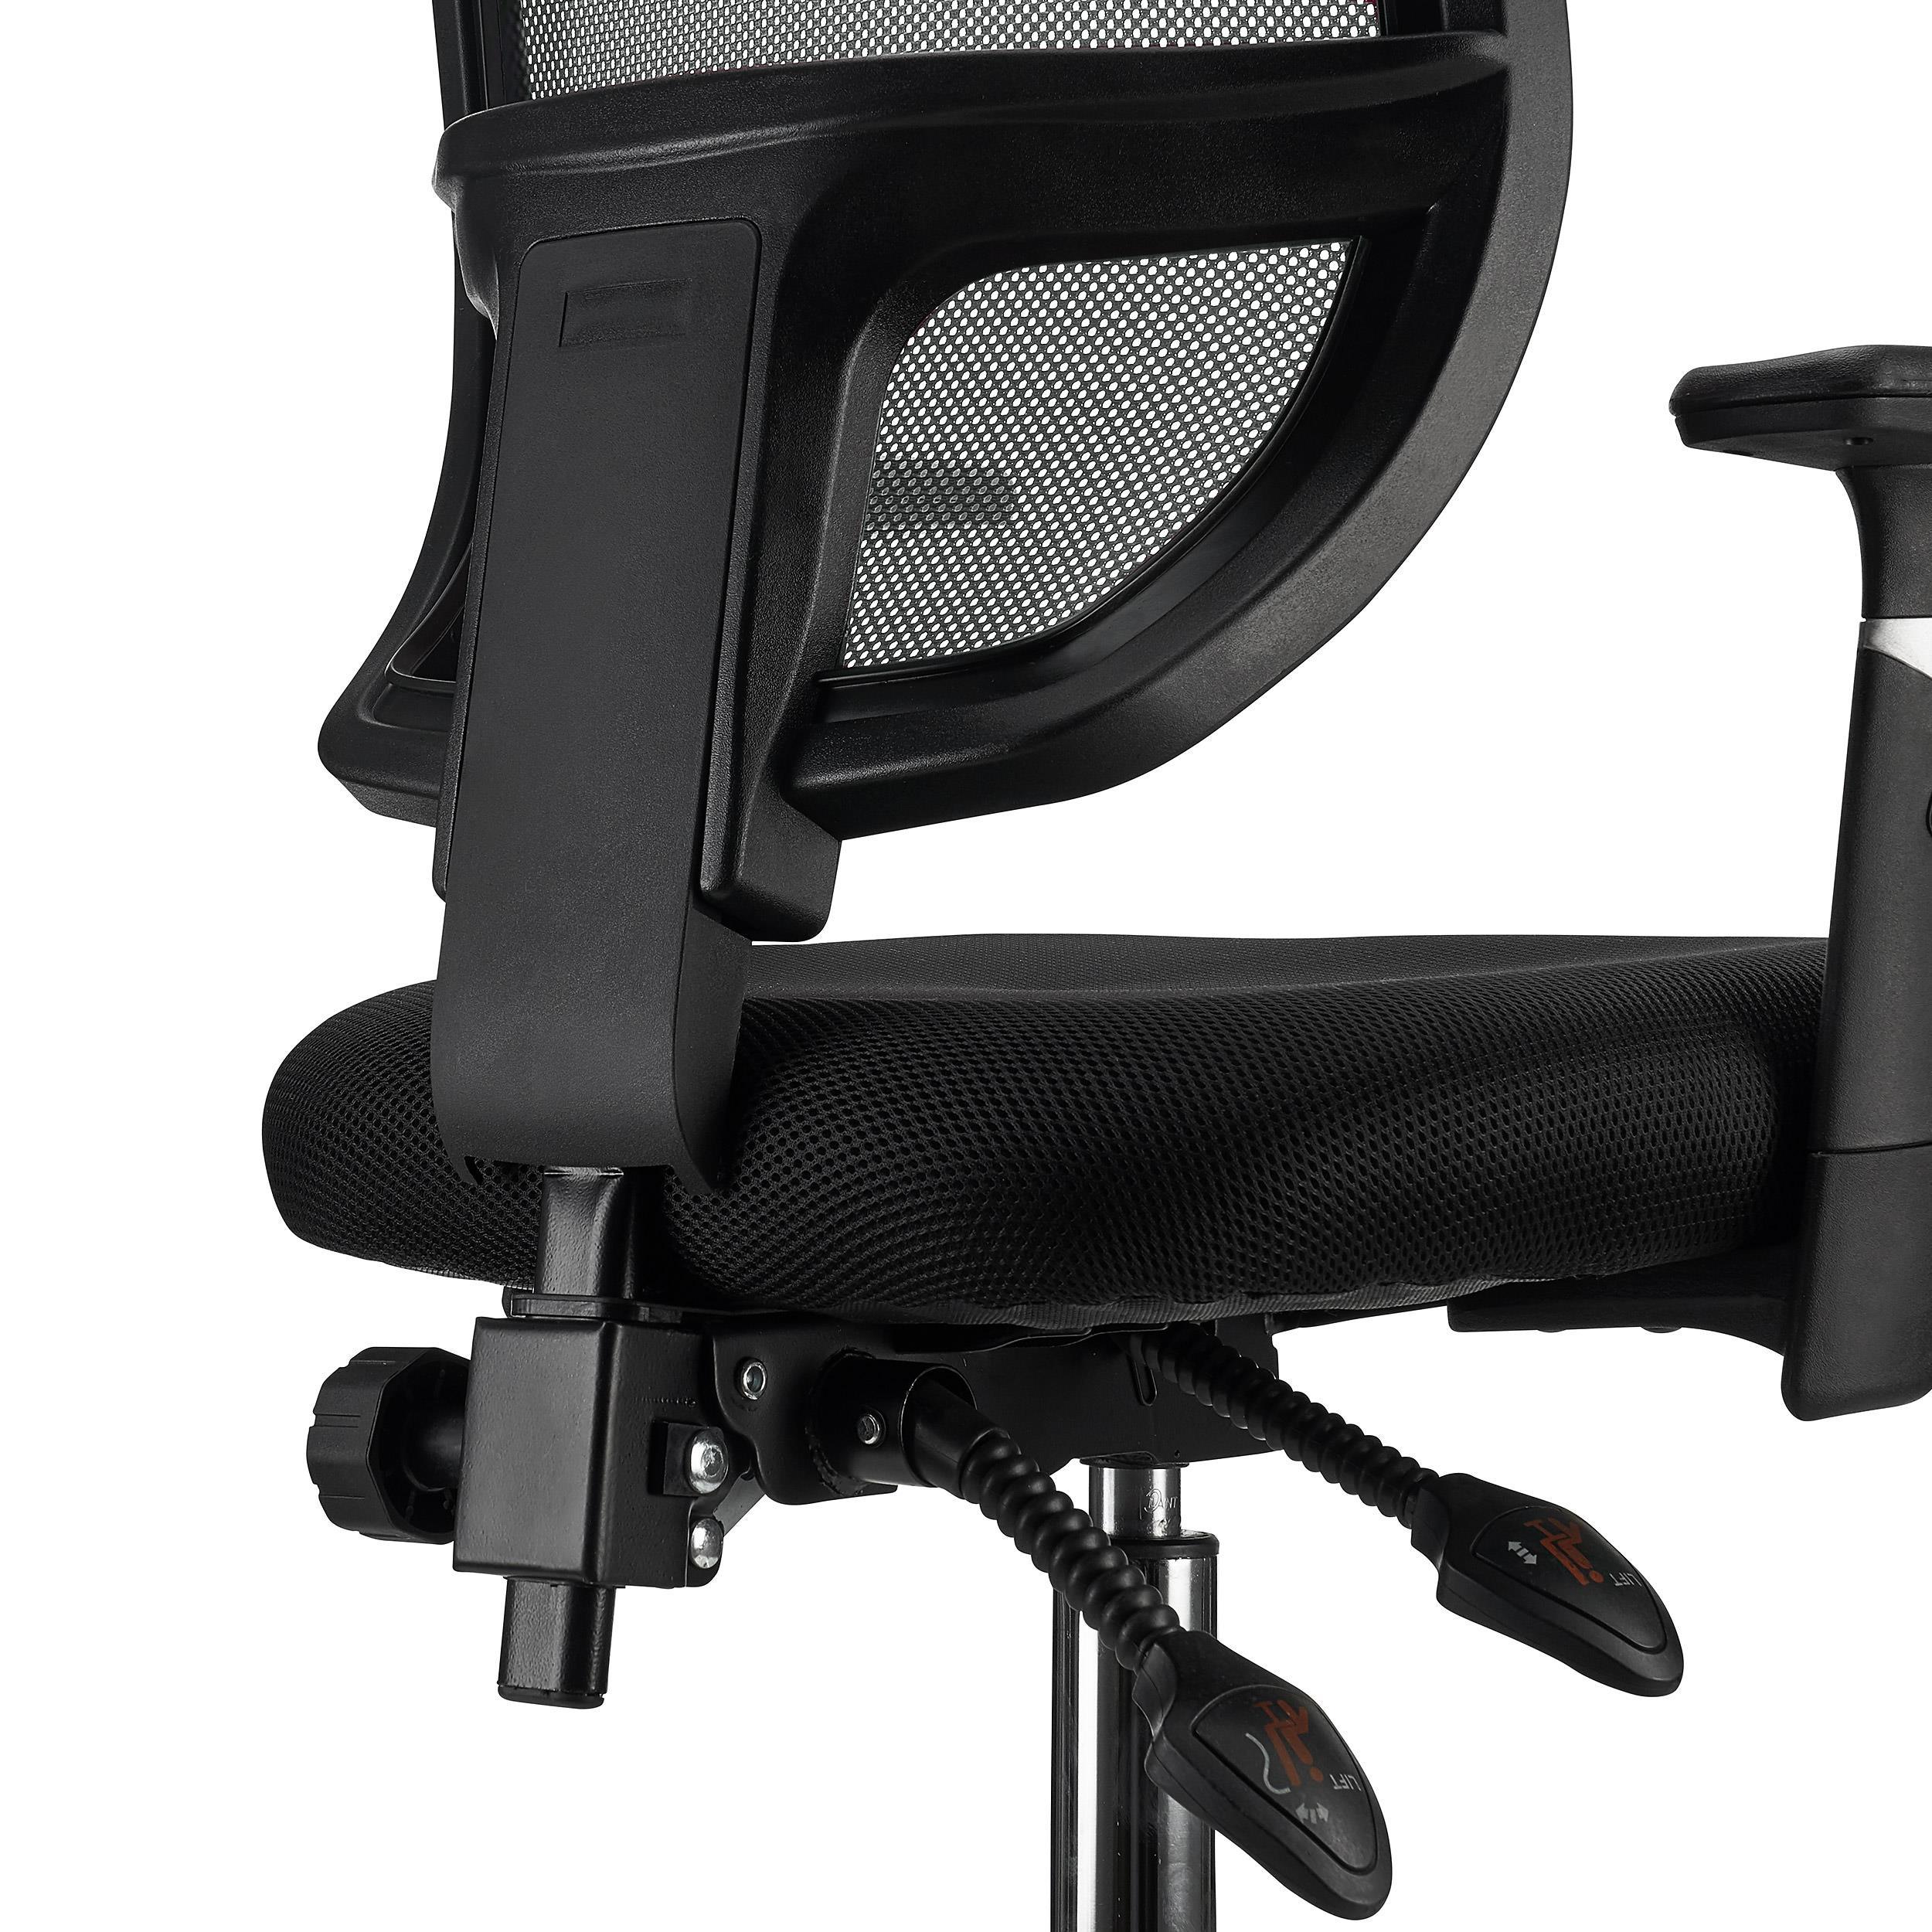 Silla de oficina dinamic robusta y ajustable gris for Sillas de oficina comodas